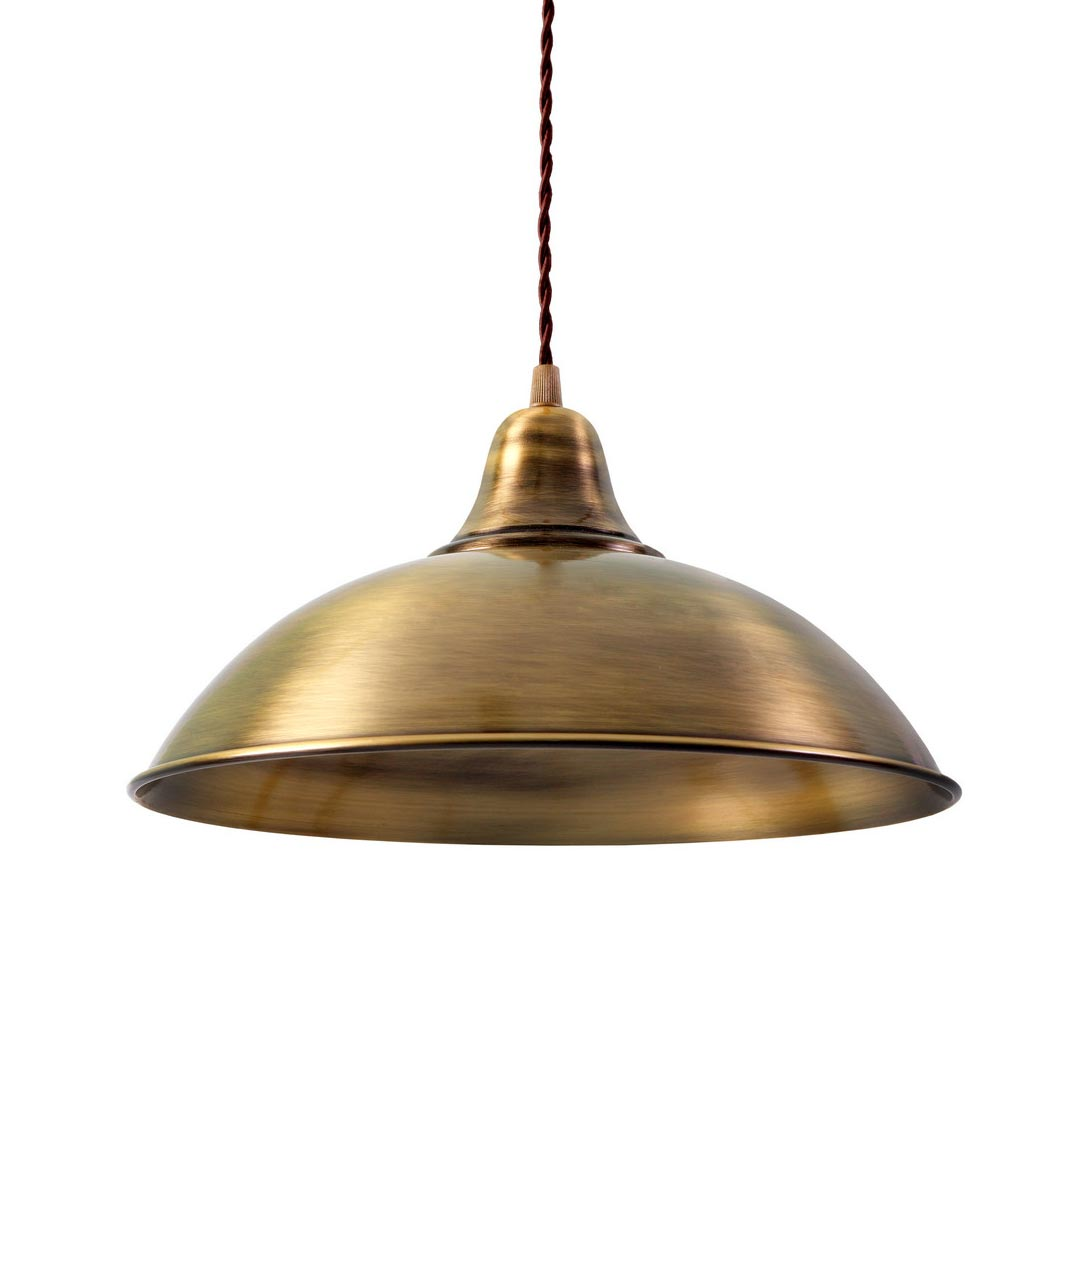 Lámpara oro envejecido STUTTGART